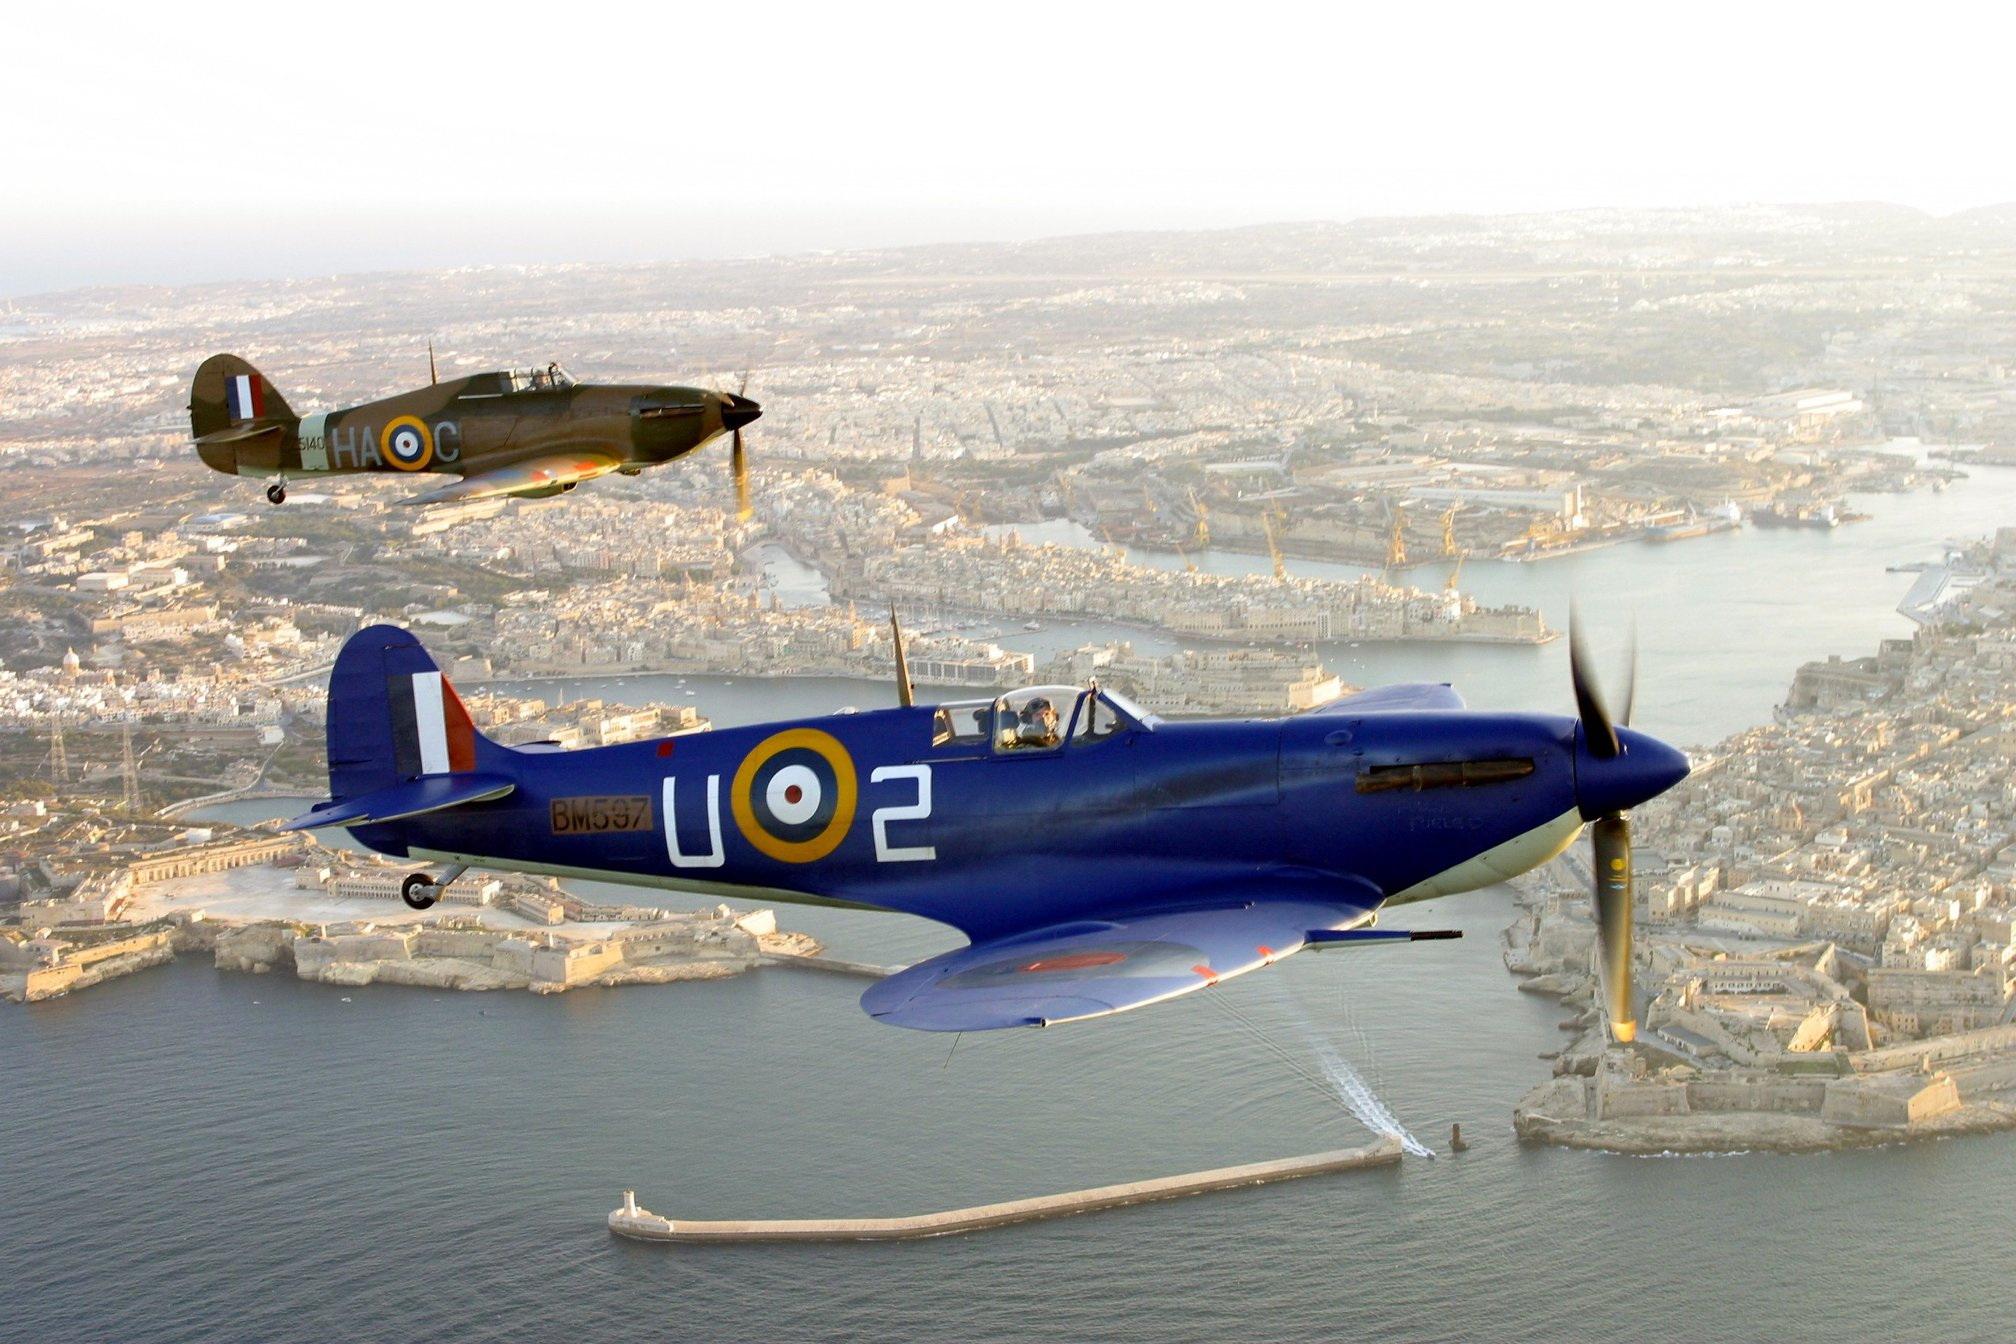 Airworthy Warbird Hawker Hurricane and Spitfire over Malta 01